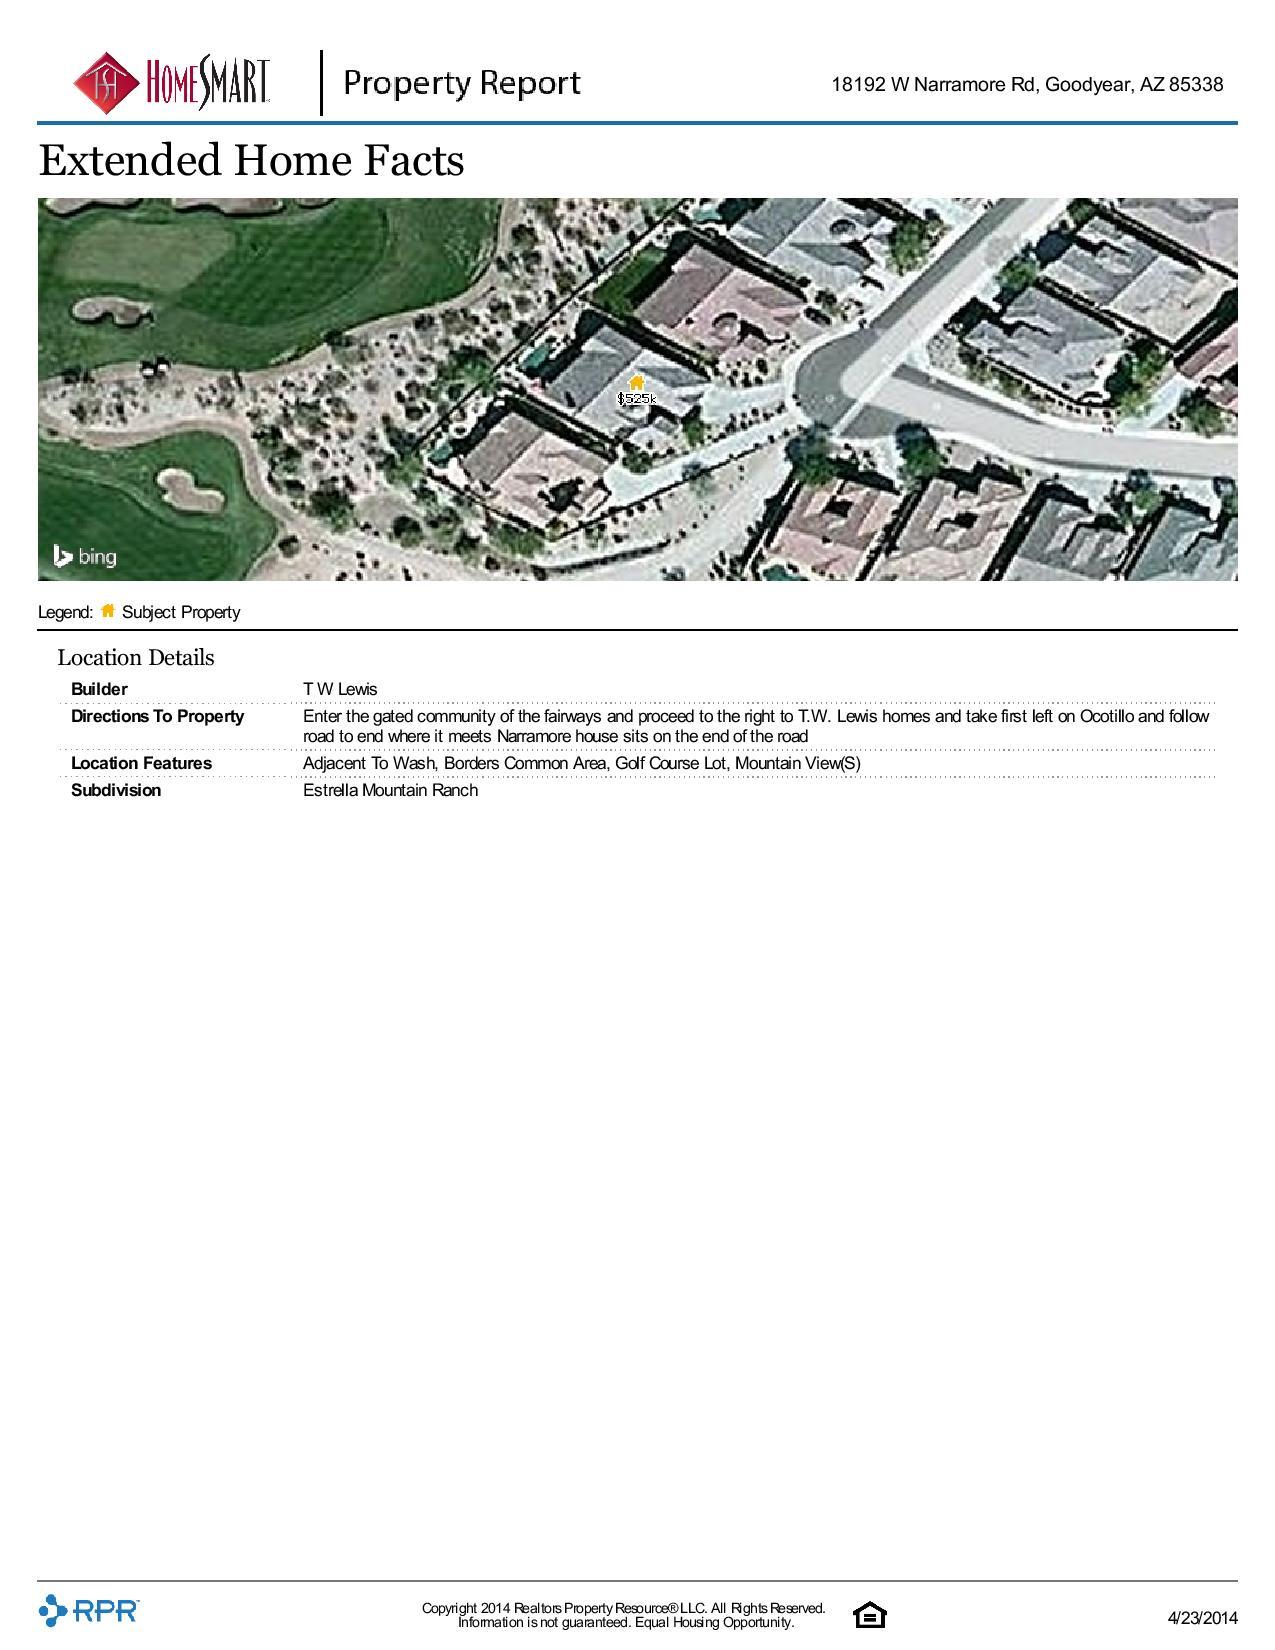 18192-W-Narramore-Rd-Goodyear-AZ-85338-page-004